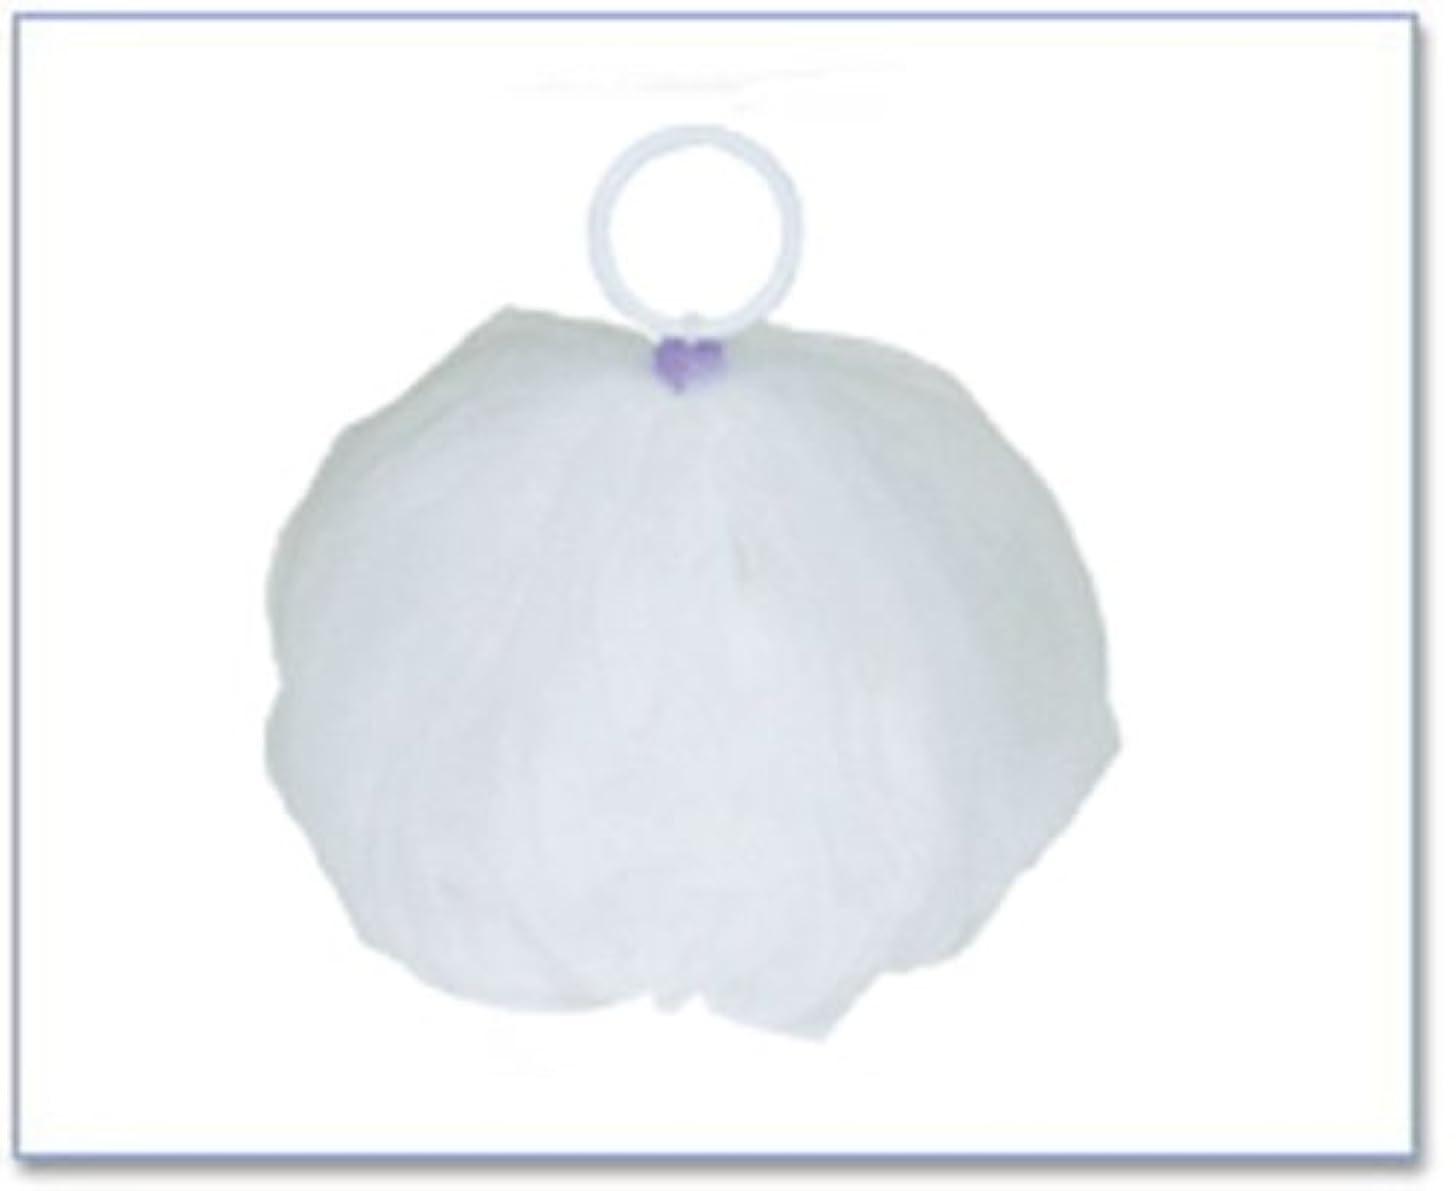 順応性のあるはがきキラウエア山CAC化粧品(シーエーシー) 泡立てネット(ボールタイプ)